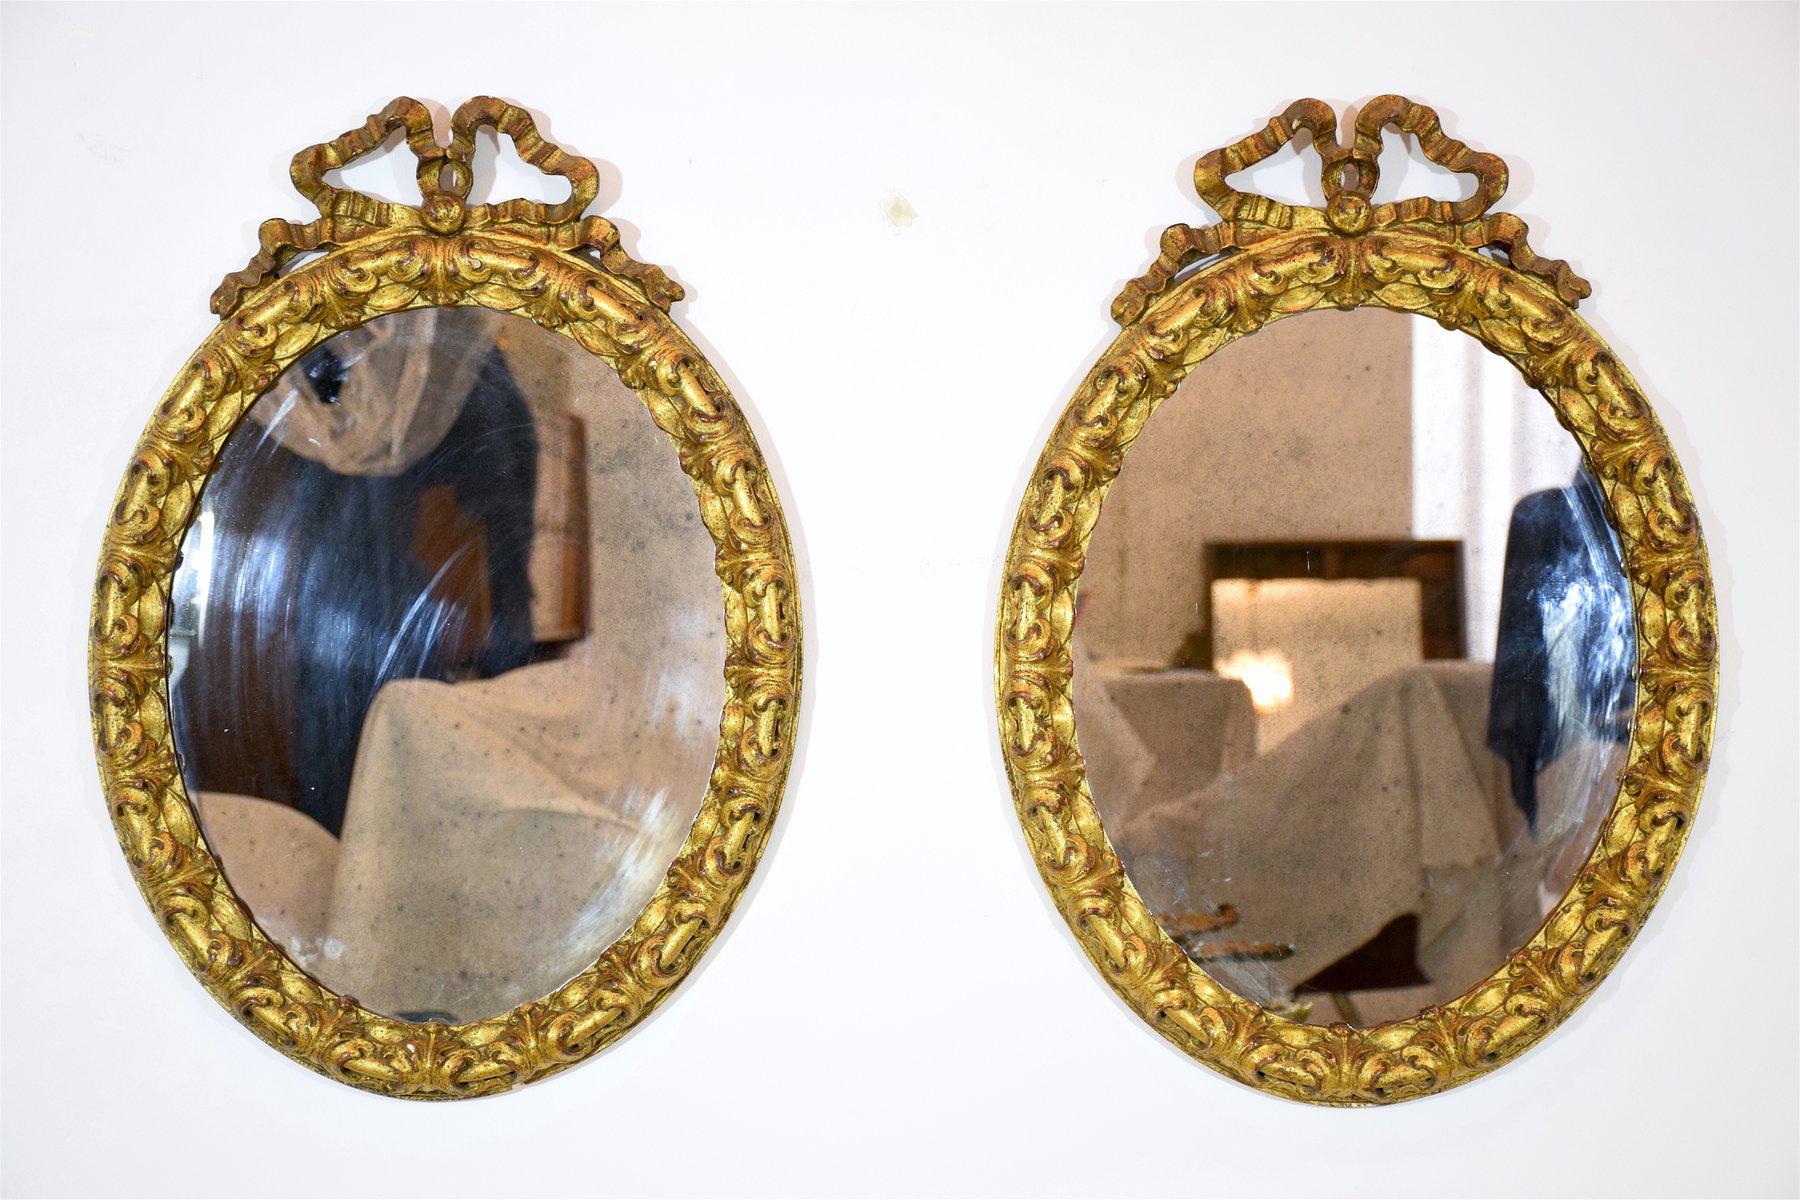 antike spiegel mit vergoldetem schleifenrahmen 2er set bei pamono kaufen. Black Bedroom Furniture Sets. Home Design Ideas